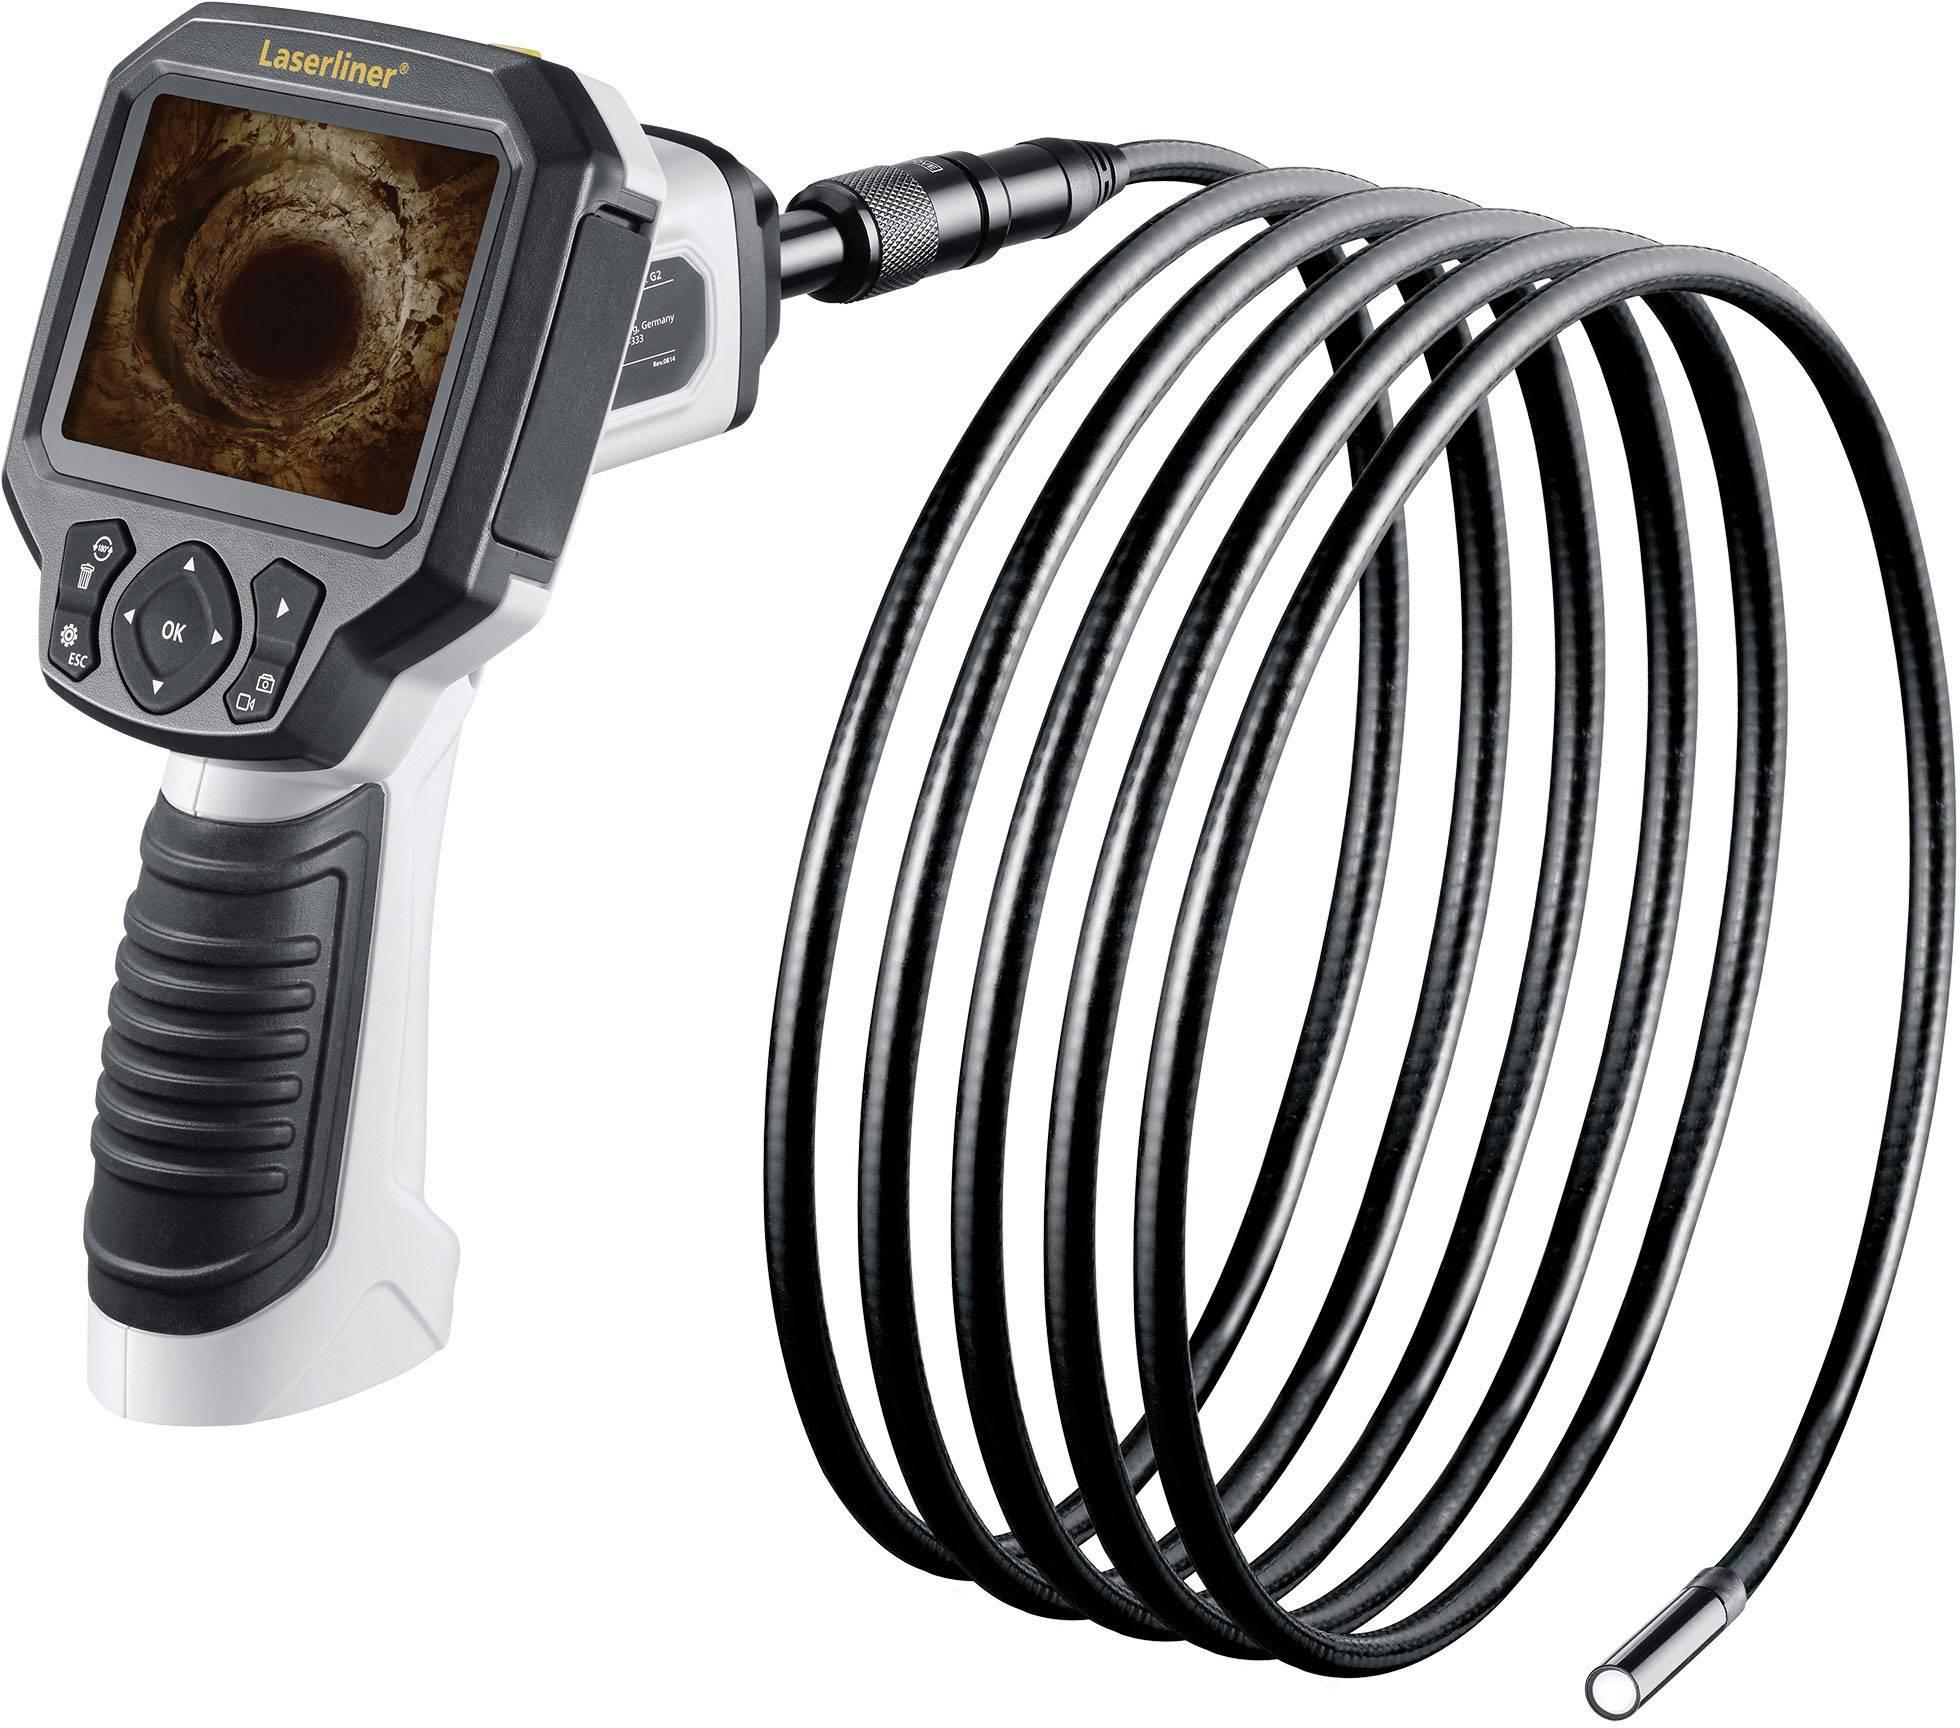 Inspekčná kamera endoskopu Laserliner VideoFlex G3 Ultra, Ø sondy 9 mm, dĺžka sondy 10 m